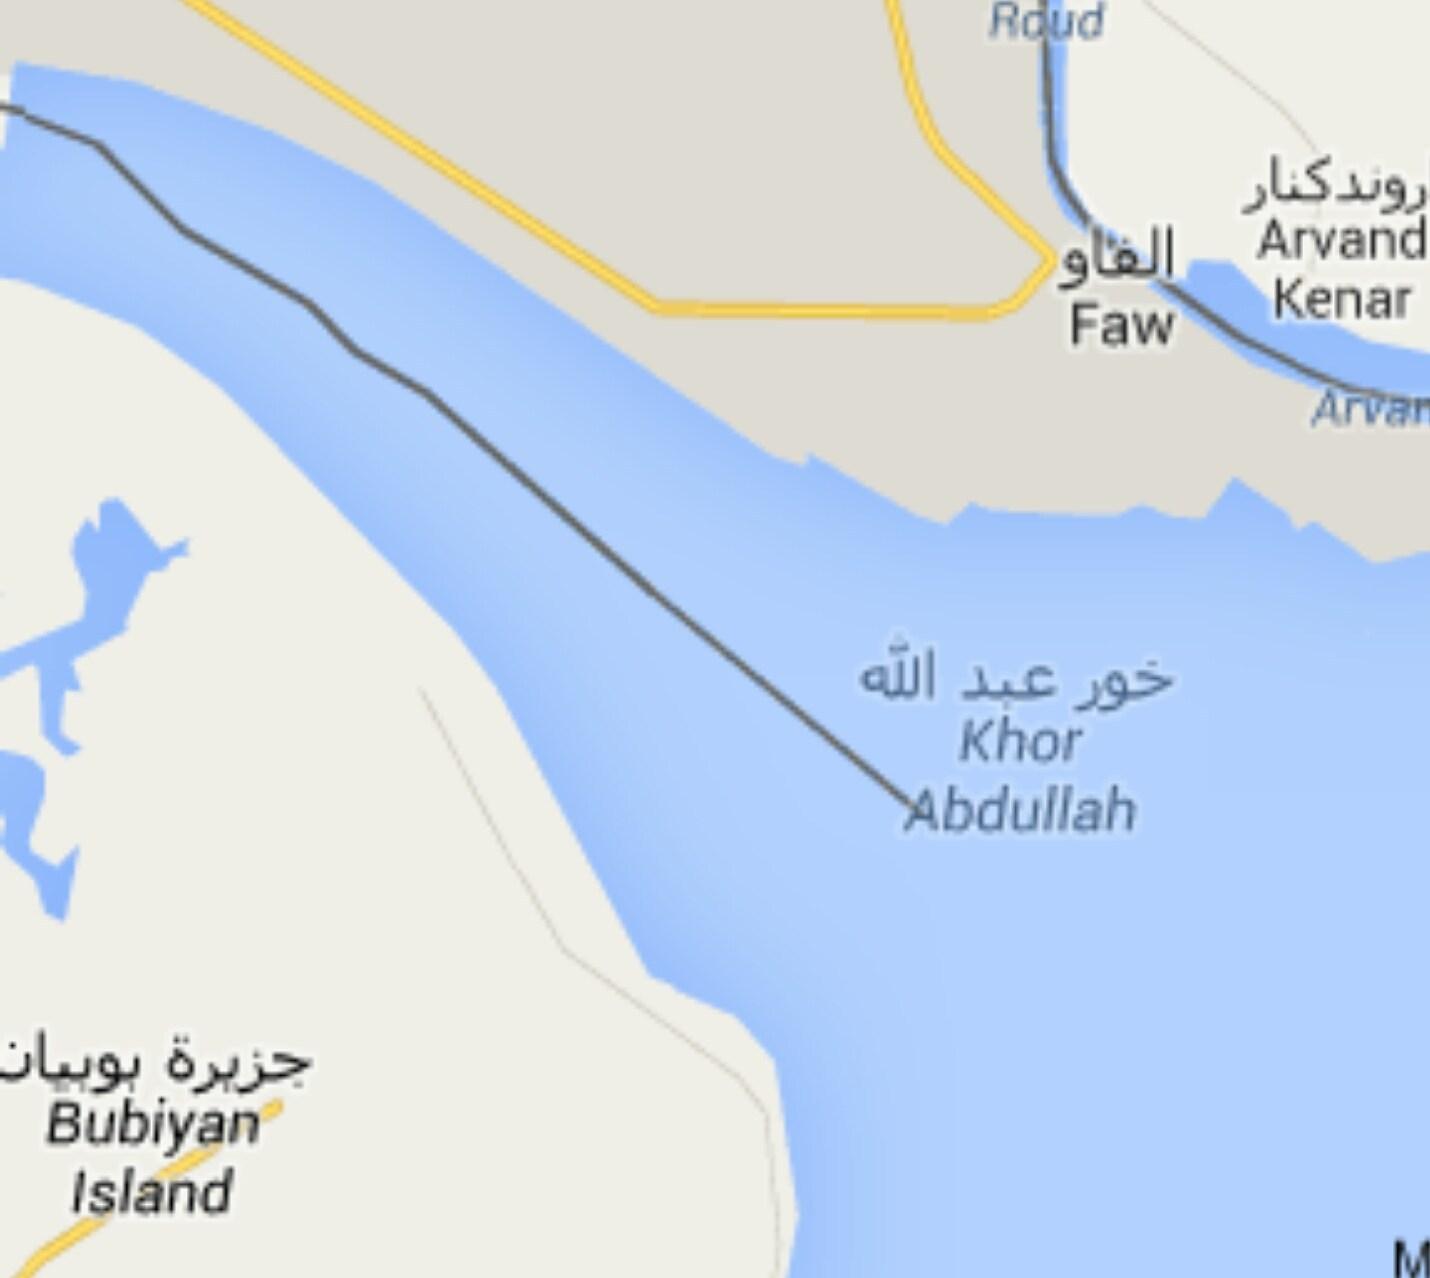 الرأي الكويتية:شكوى عراقية على الكويت لدى مجلس الأمن